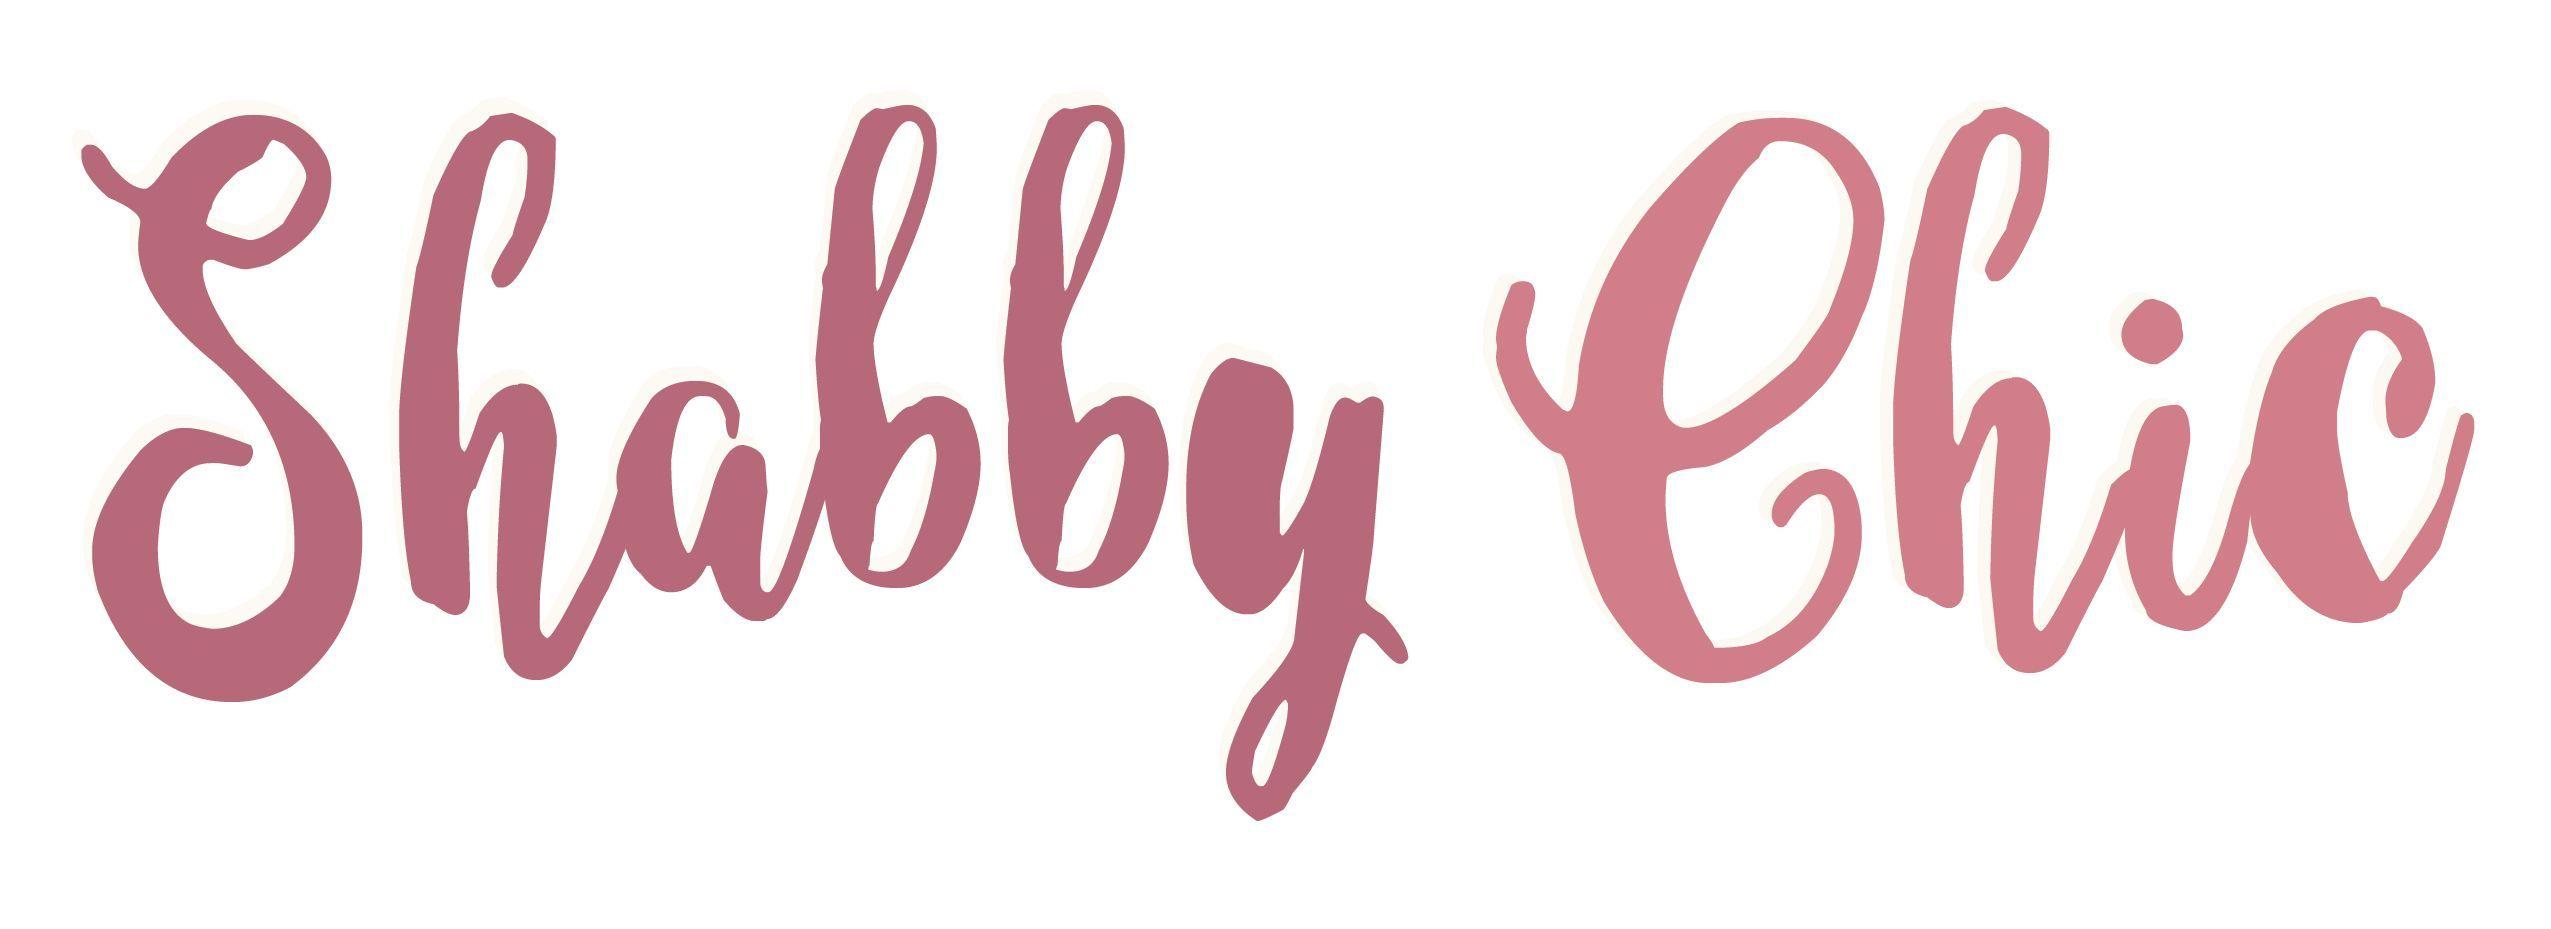 Sara Signature - Shabby Chic